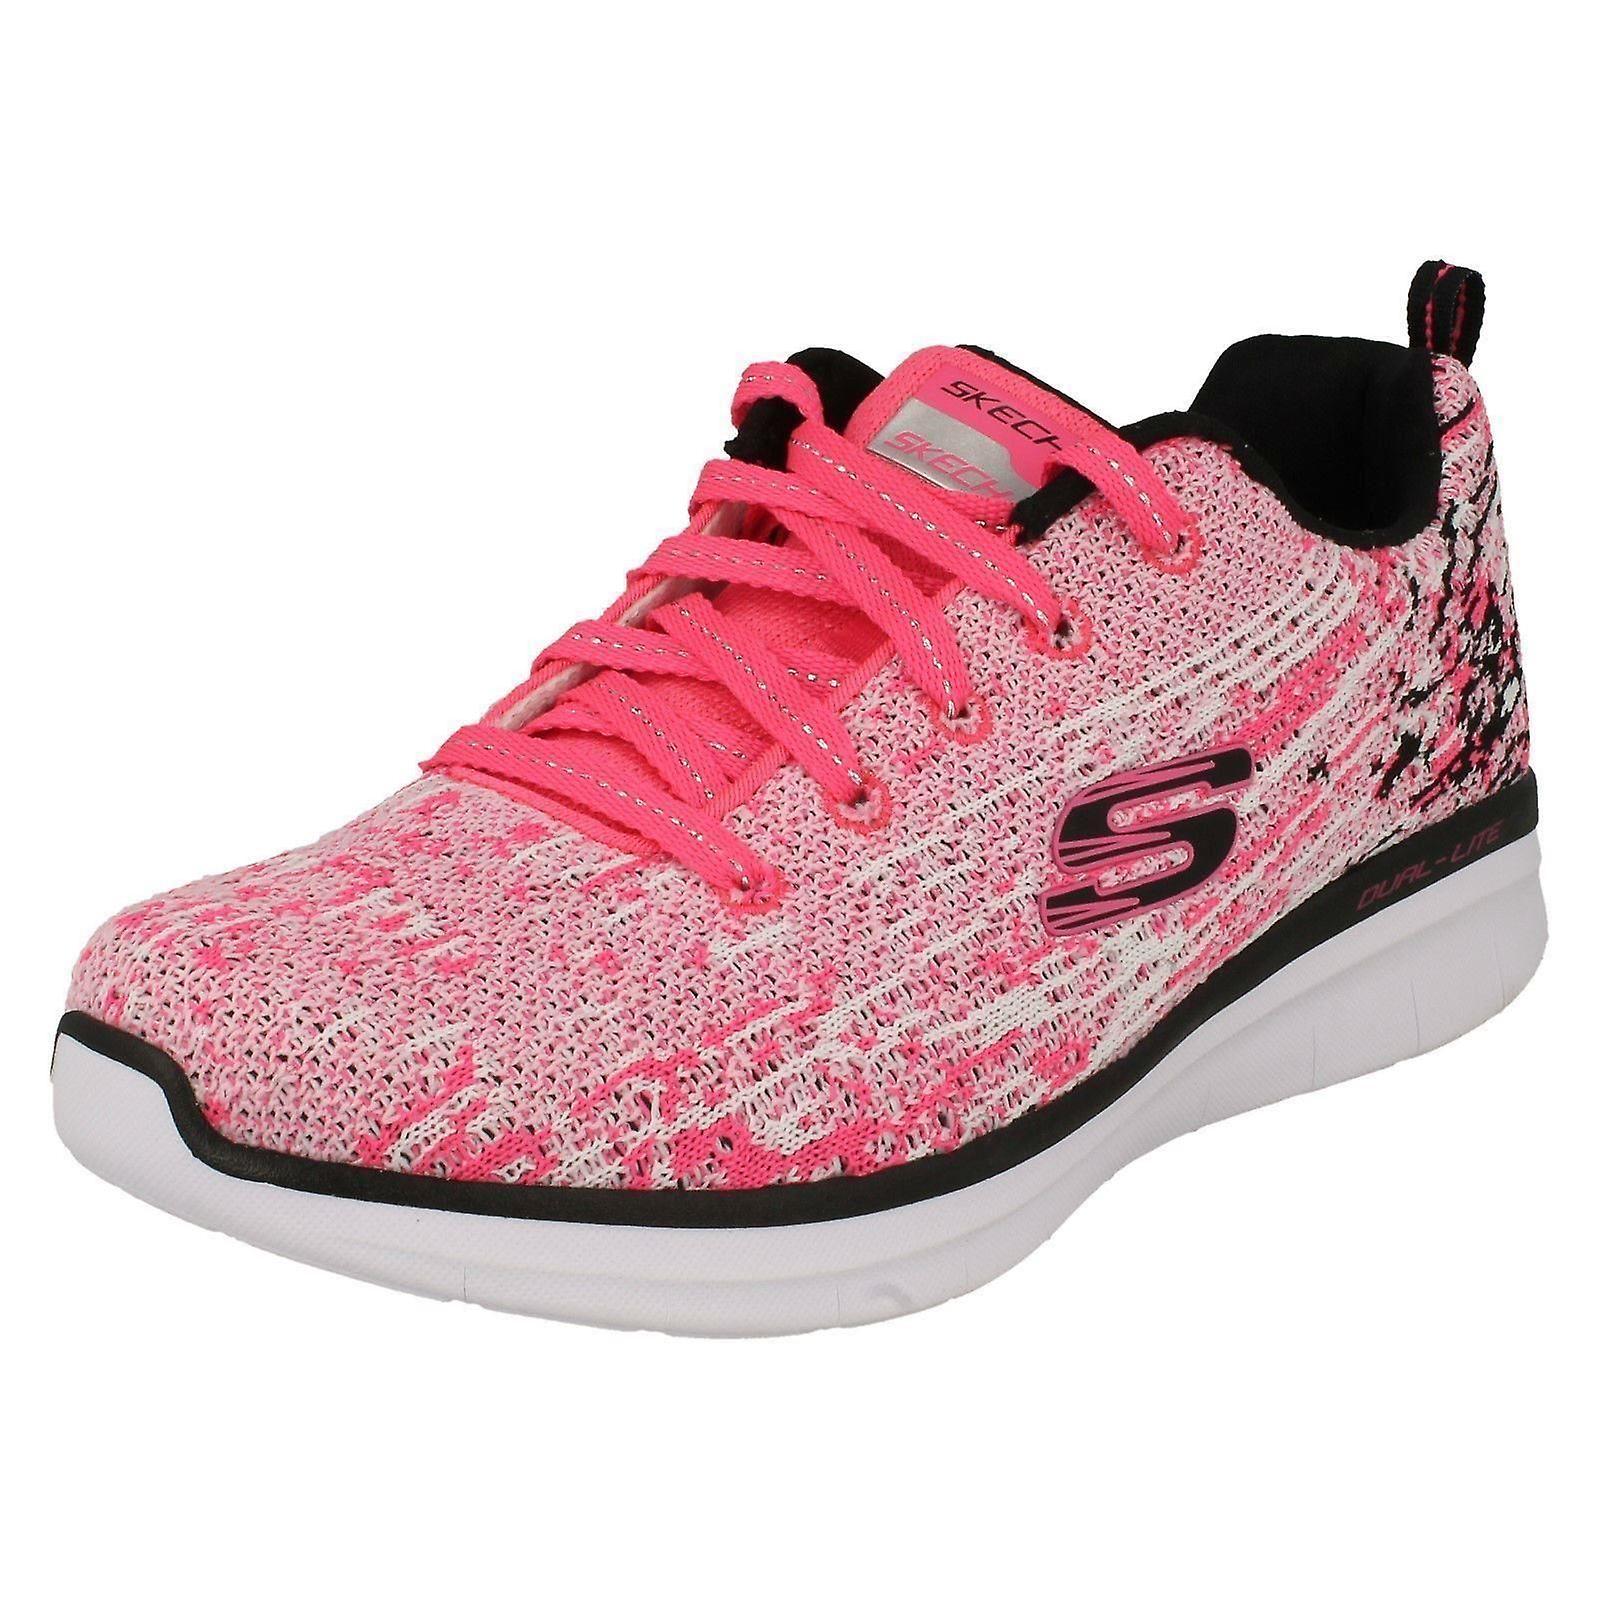 2f40d0c9 Piger Skechers sport undervisere højt humør 81620 - Neon Pink/sort tekstil  - UK størrelse